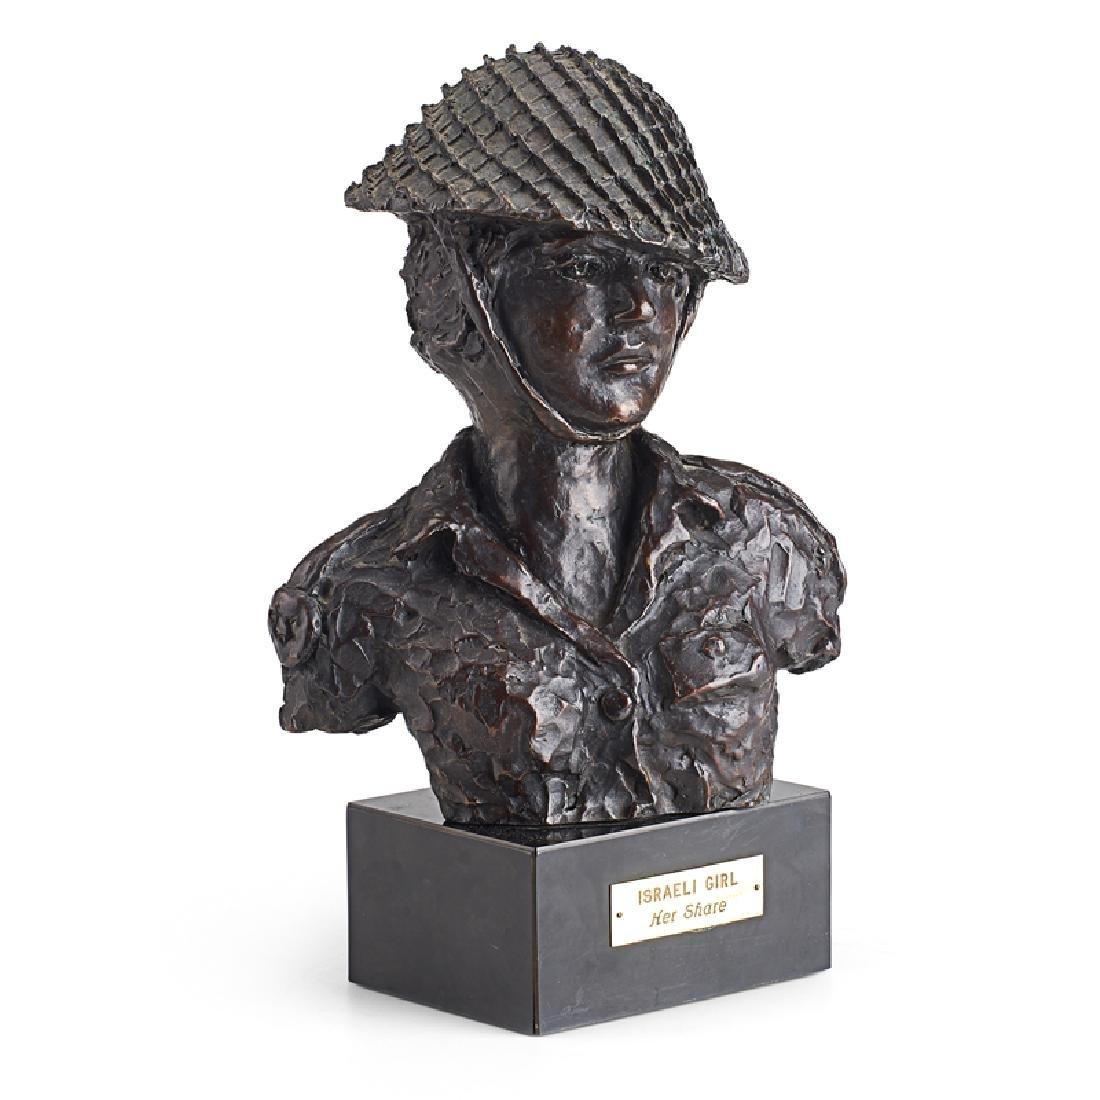 RUBE GOLDBERG (American, 1883-1970)